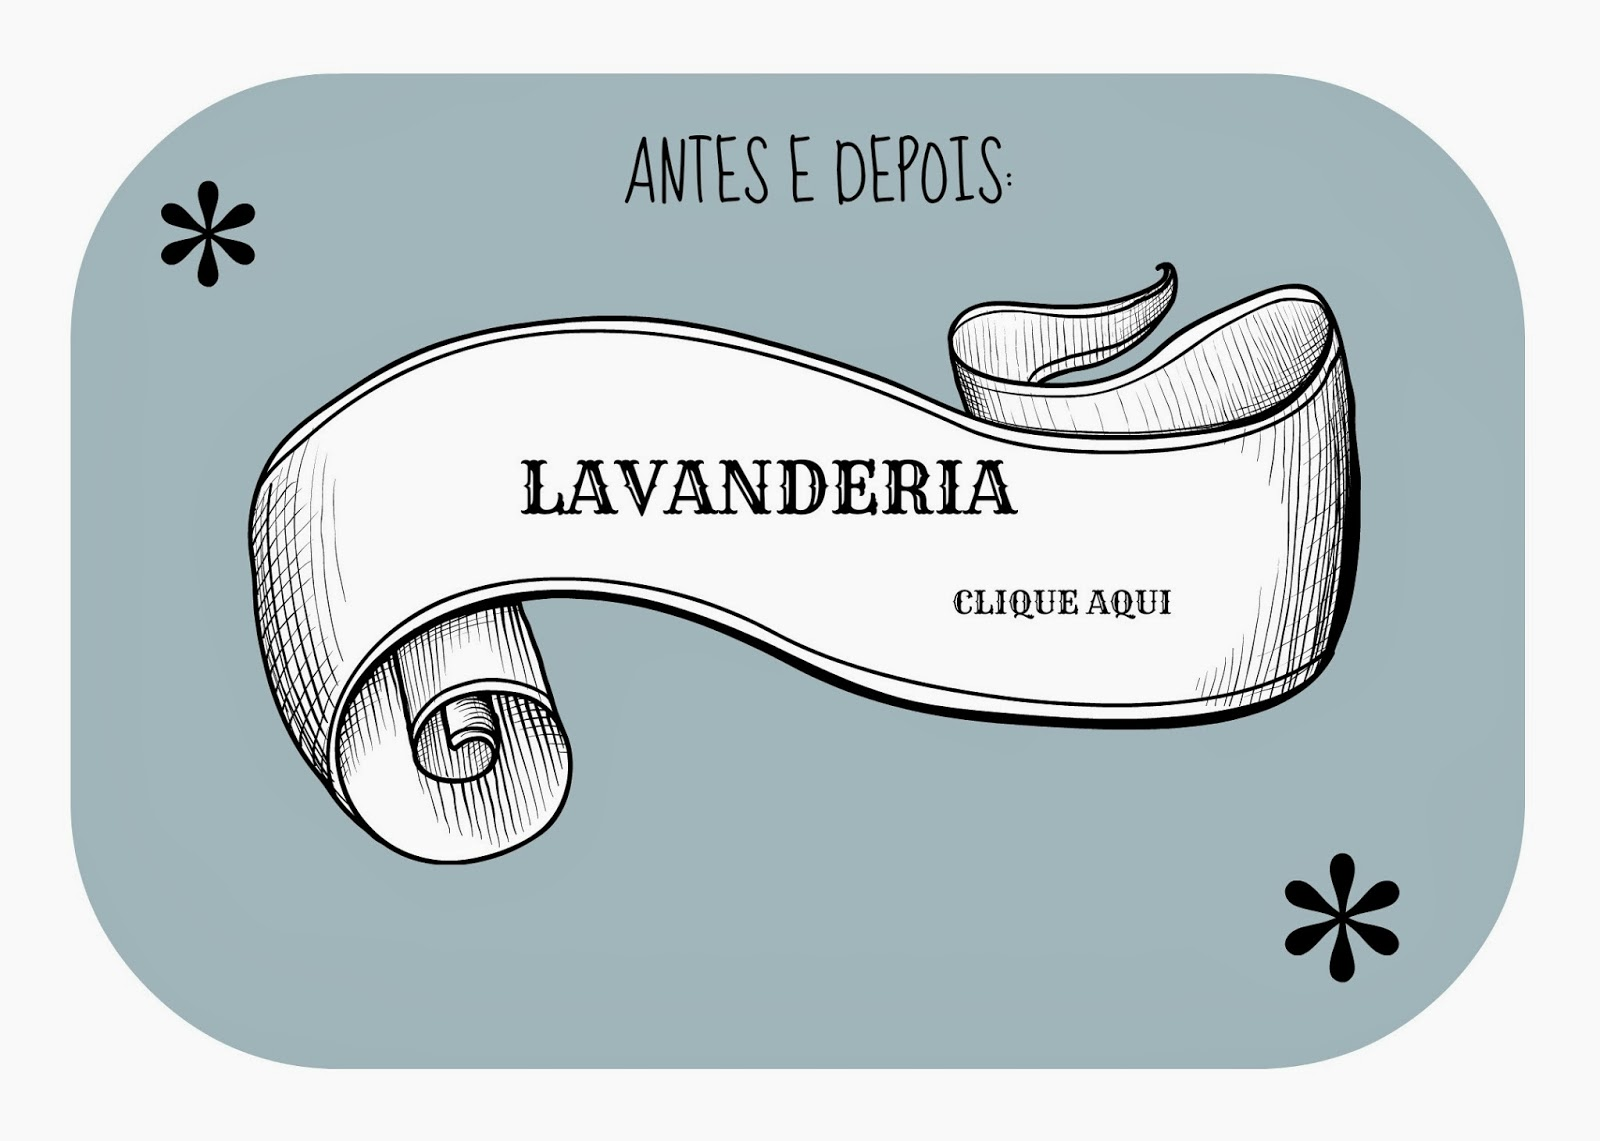 LAVANDERIA IDEIAS DECORAR